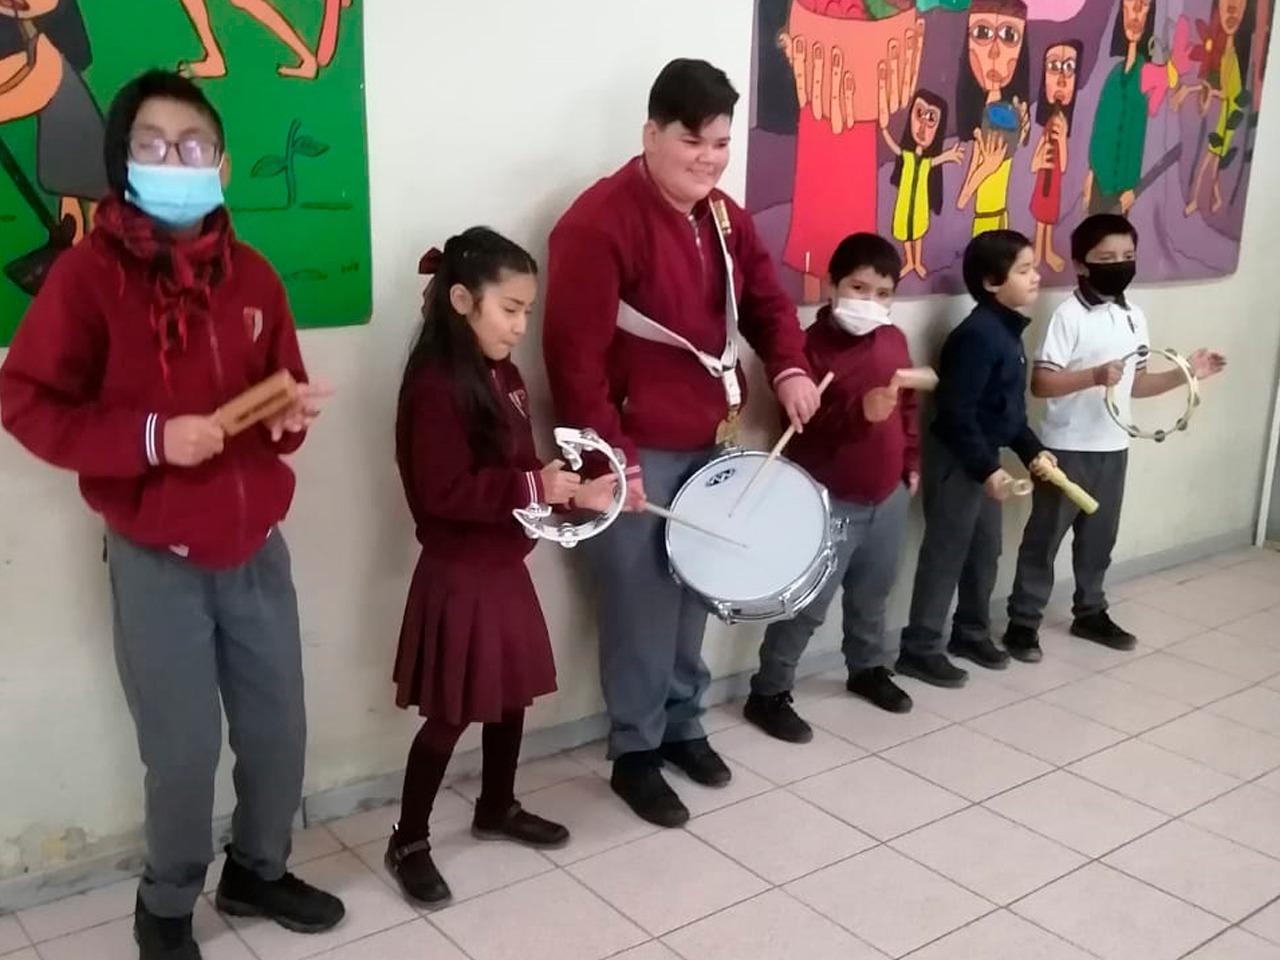 Banda musical de escuela de Alto del Carmen invita a una Pausa Musical en la Educación Pública